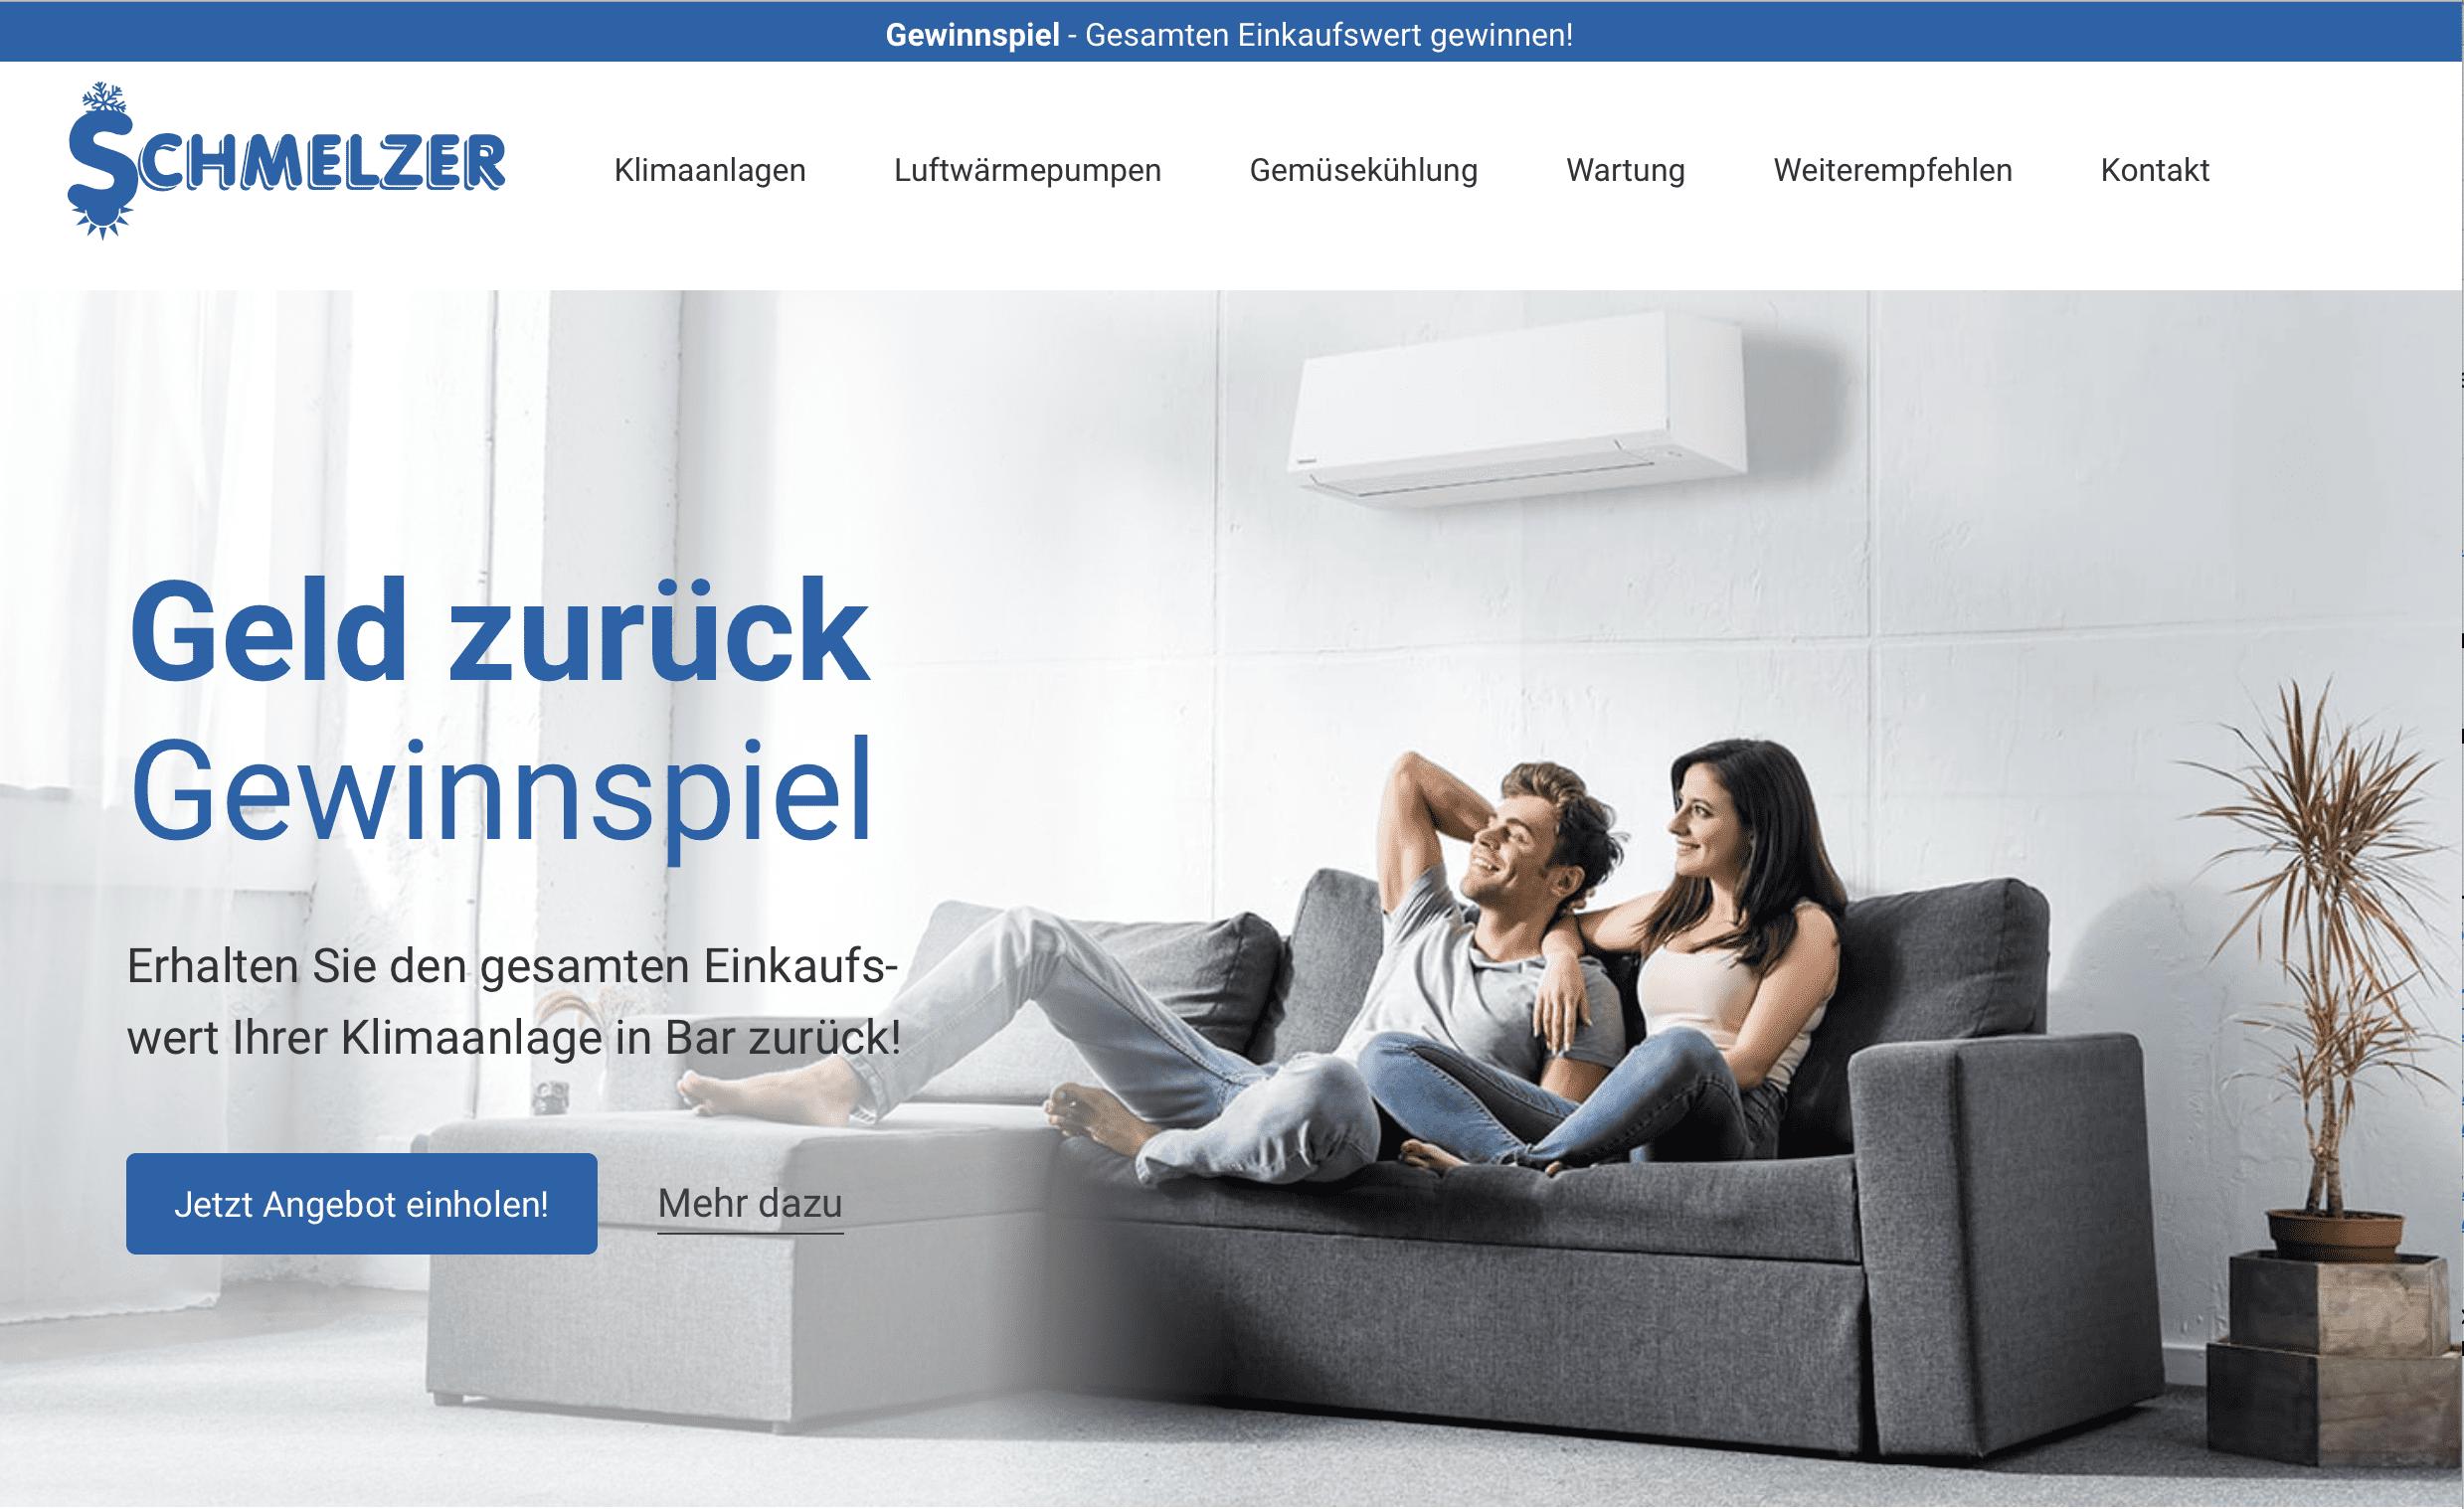 """Schmelzer Cases """"Gewinn Deinen Einkauf zurück"""""""